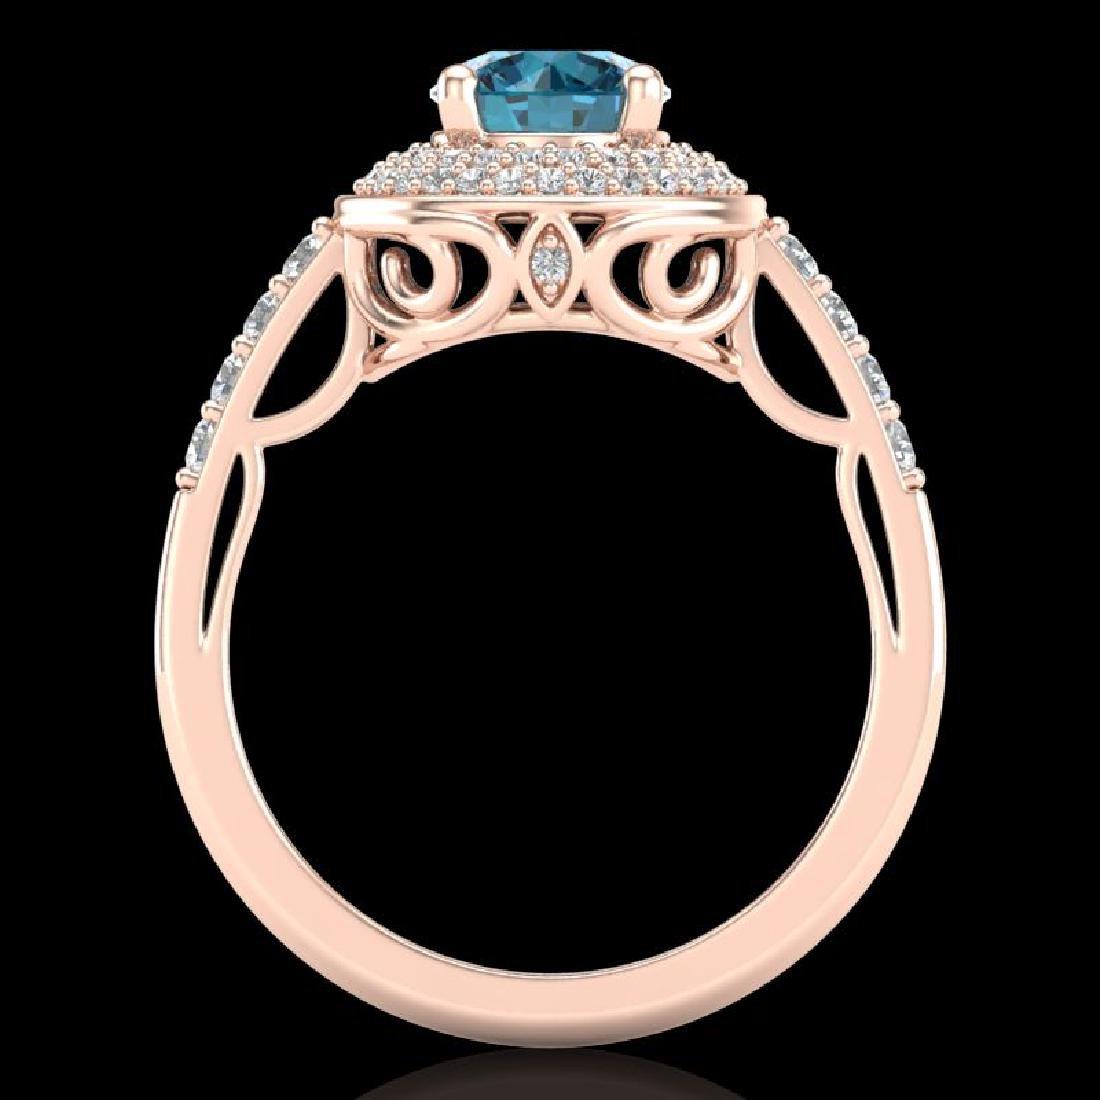 1.7 CTW Intense Blue Diamond Solitaire Engagement Art - 3